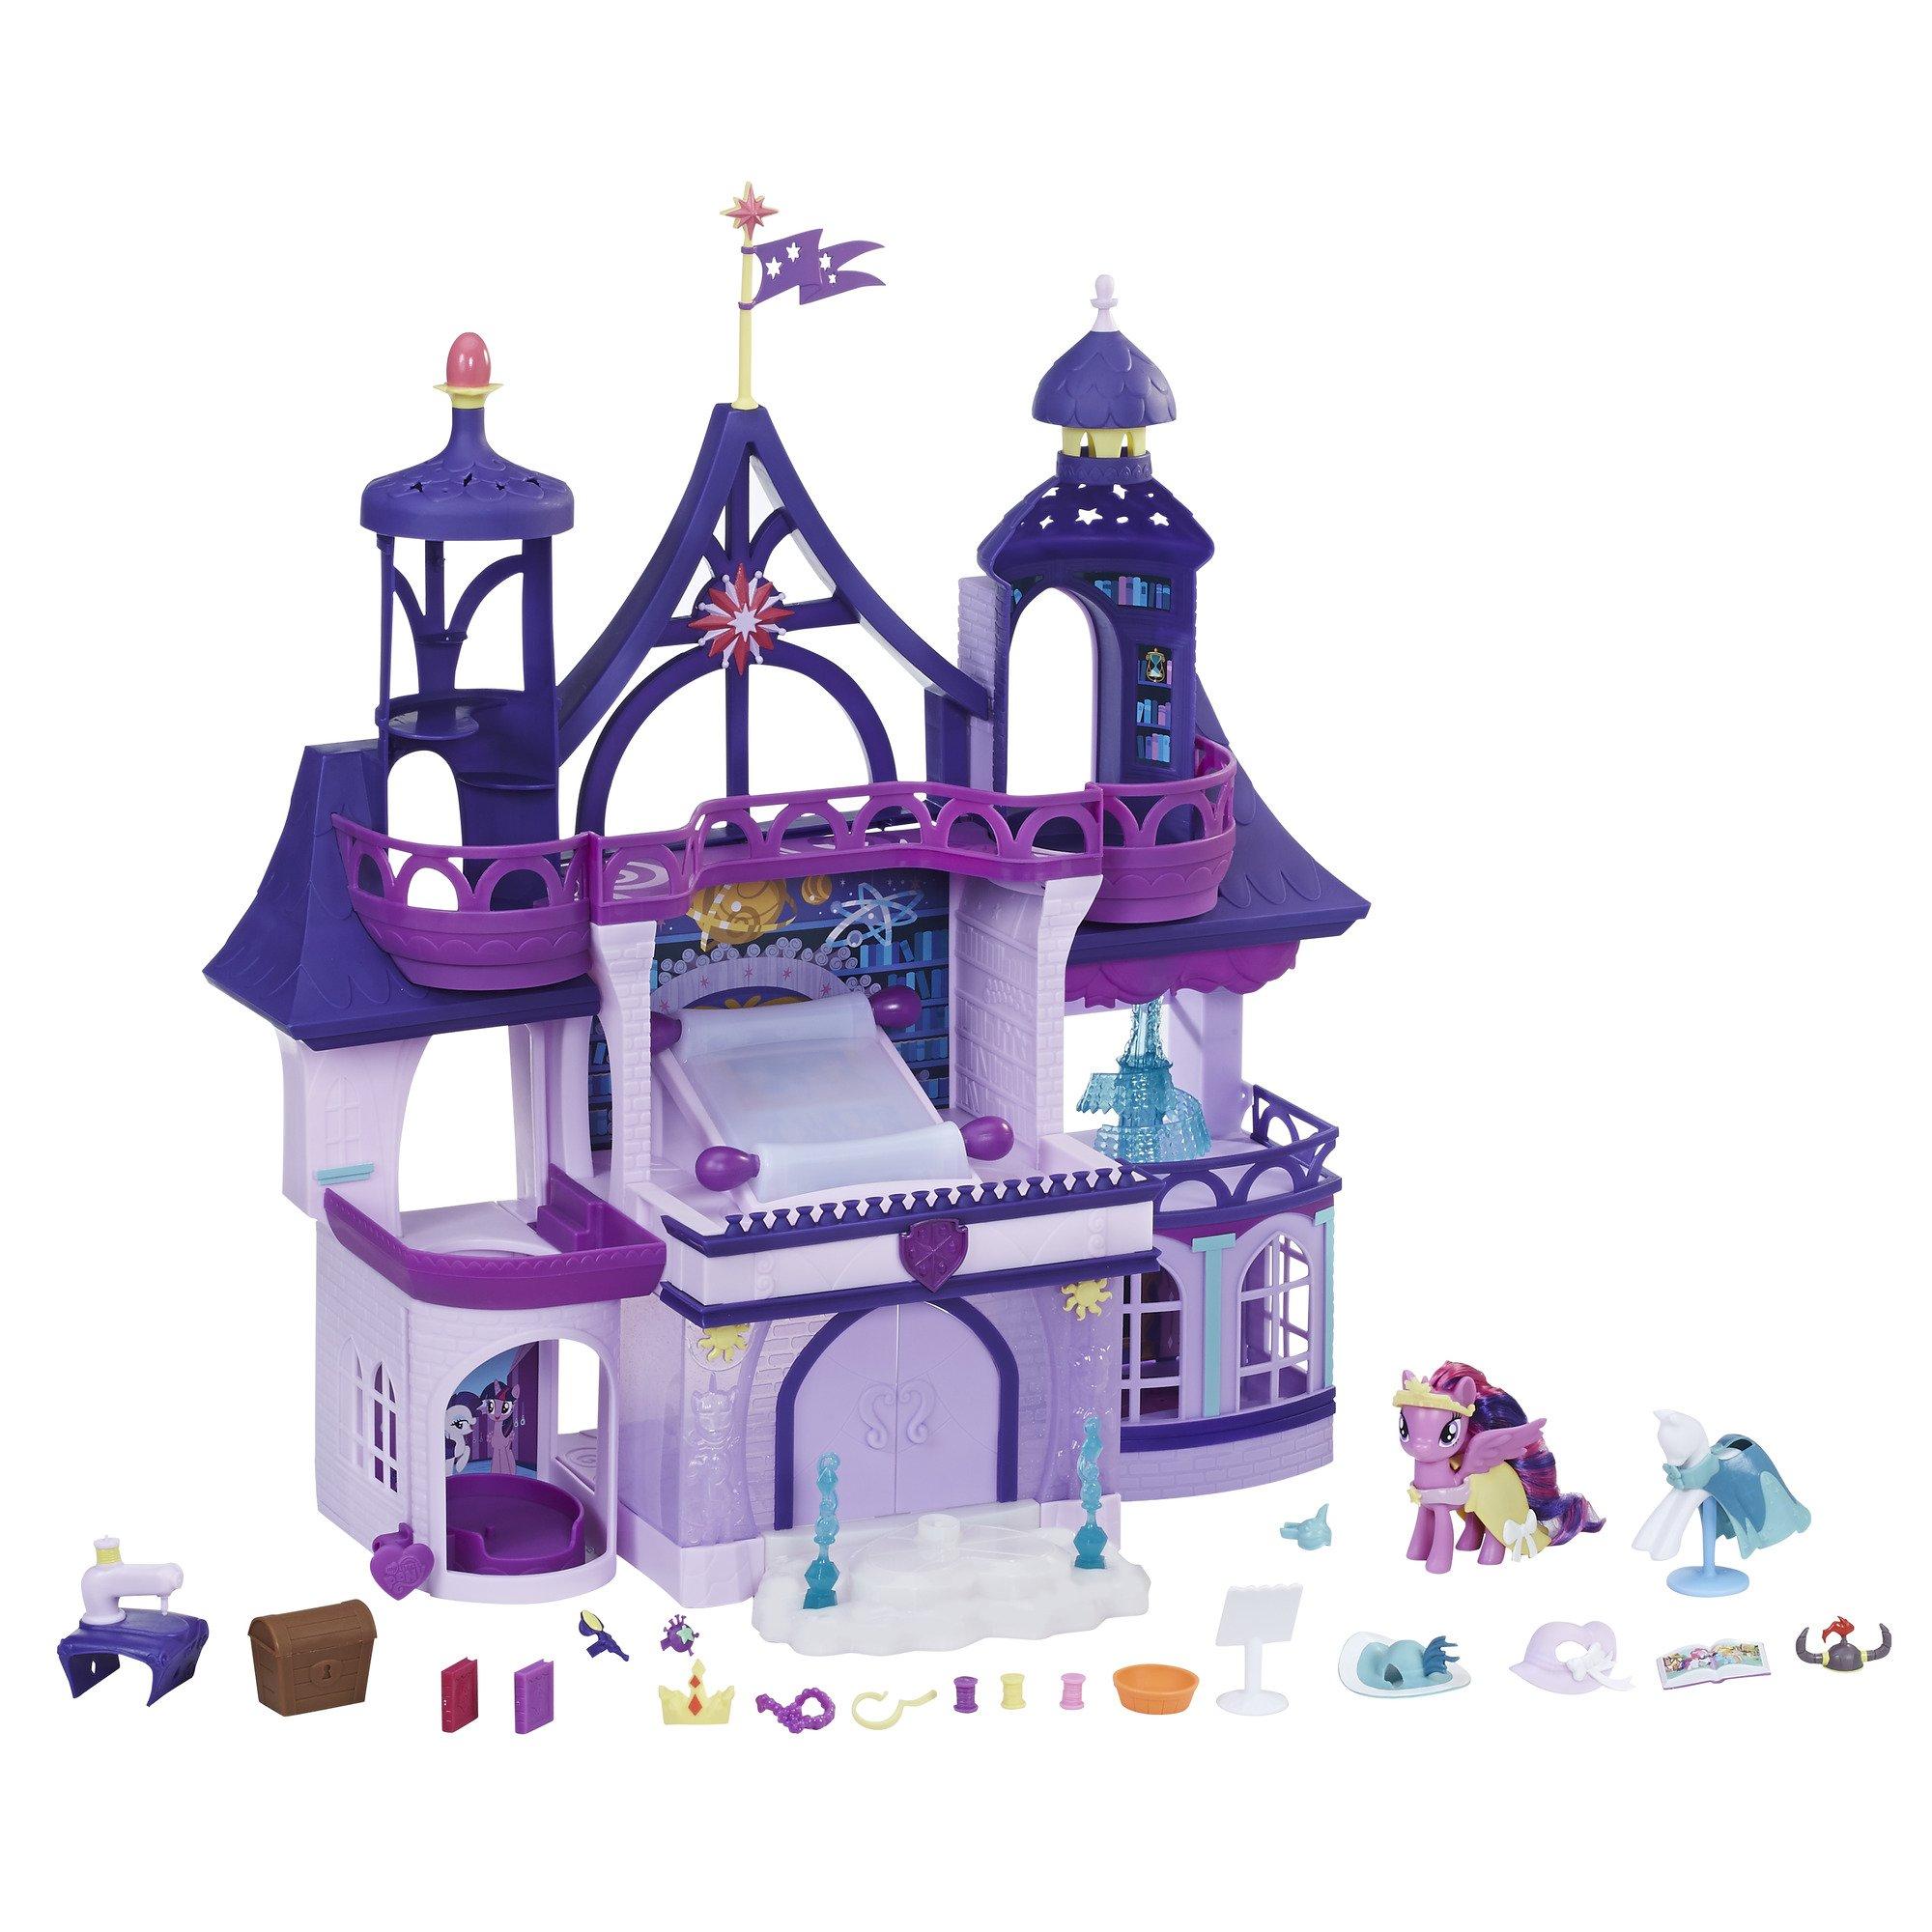 My Little Pony - L'École de la Magie et de L'Amitié - E1930 product image